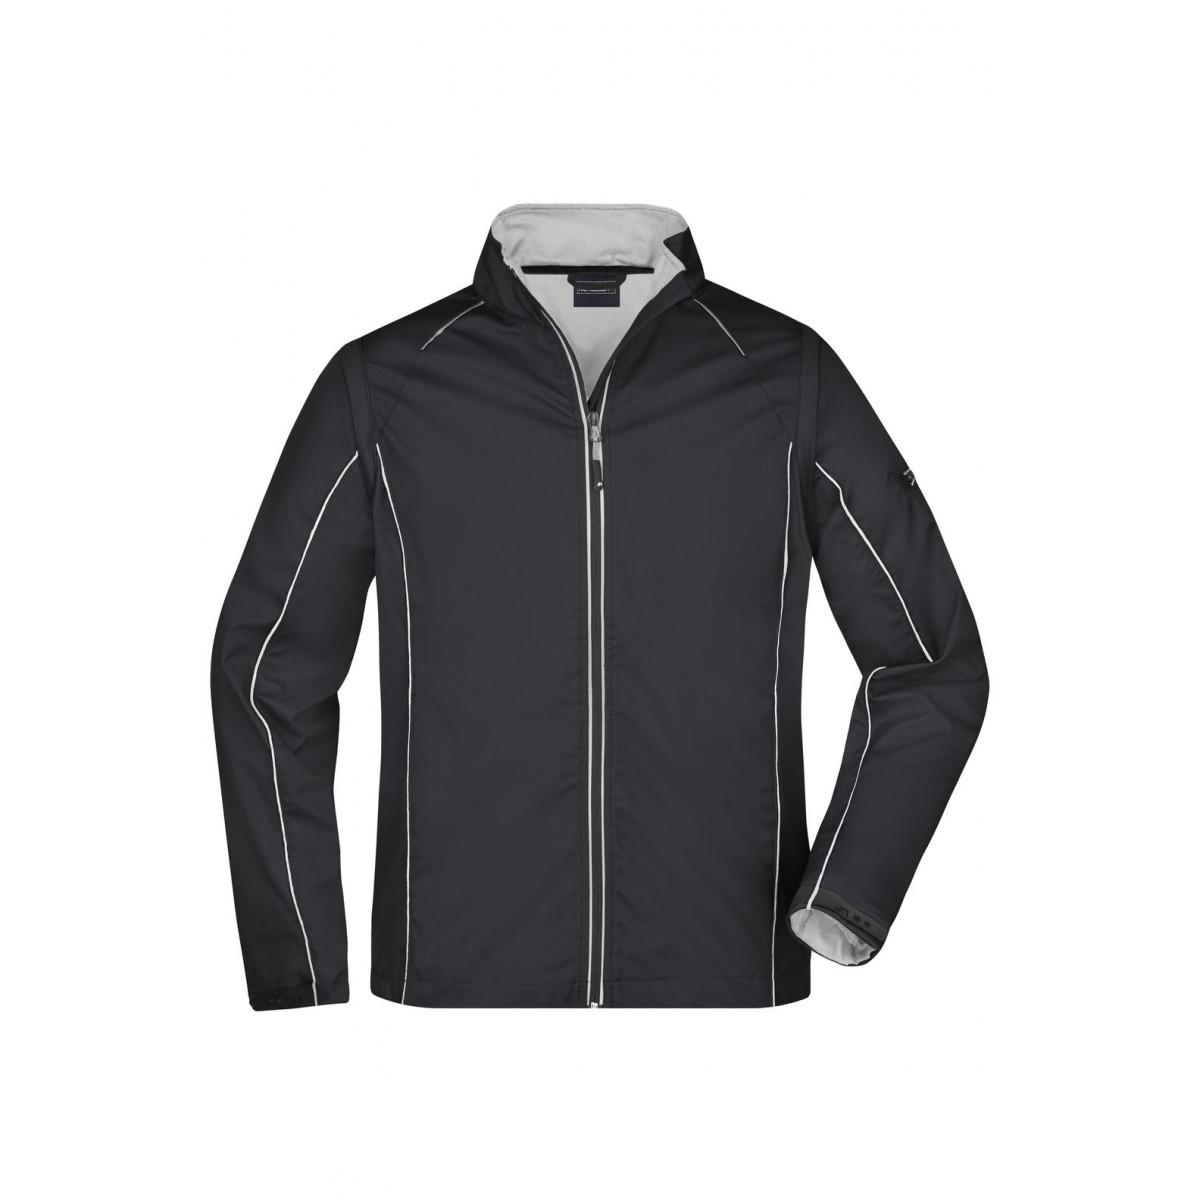 Куртка мужская JN1122 Mens Zip-Off Softshell Jacket - Черный/Серебряный